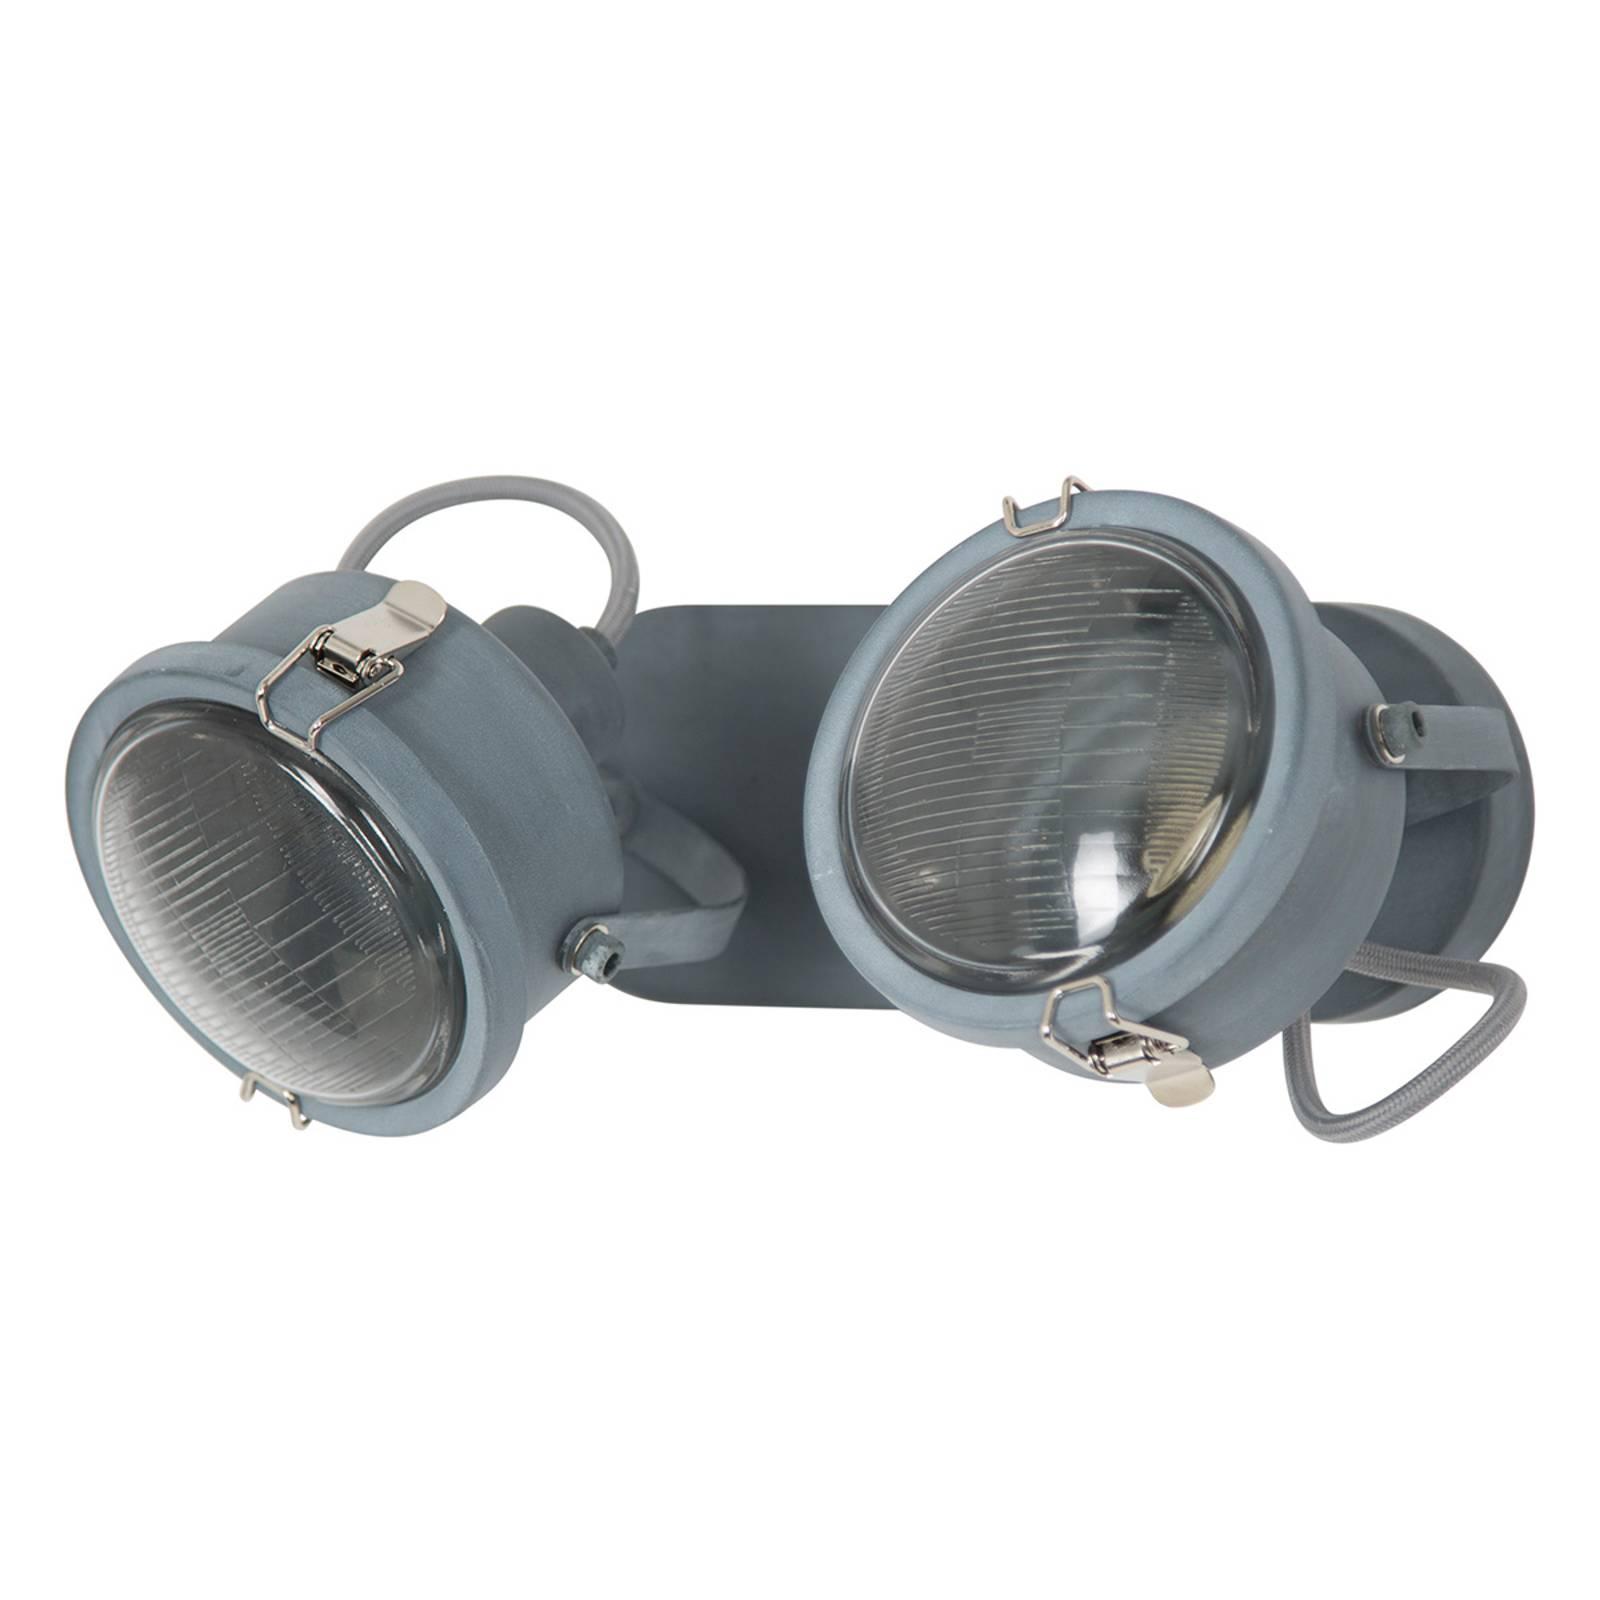 Wandlamp Satellite in grijs, 2-lamps